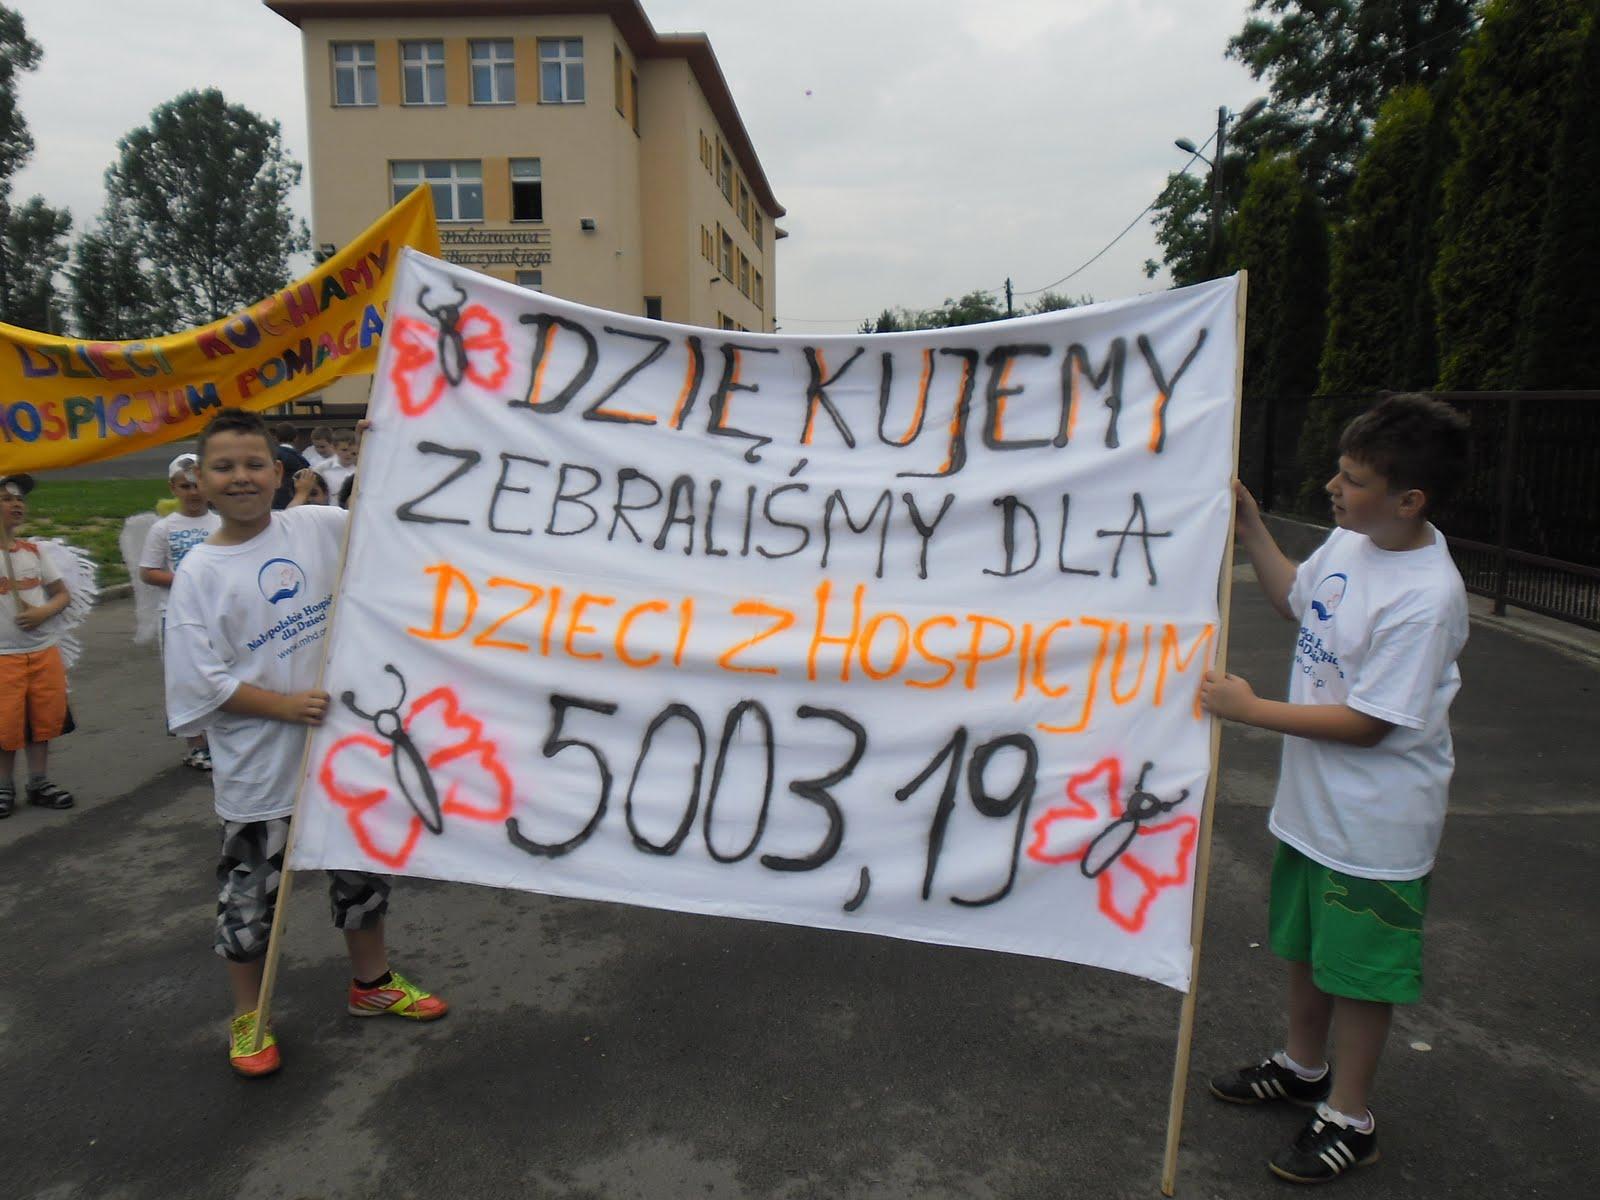 Wielki Anielski przemarsz przyjaciół MHD w Dobczycach.